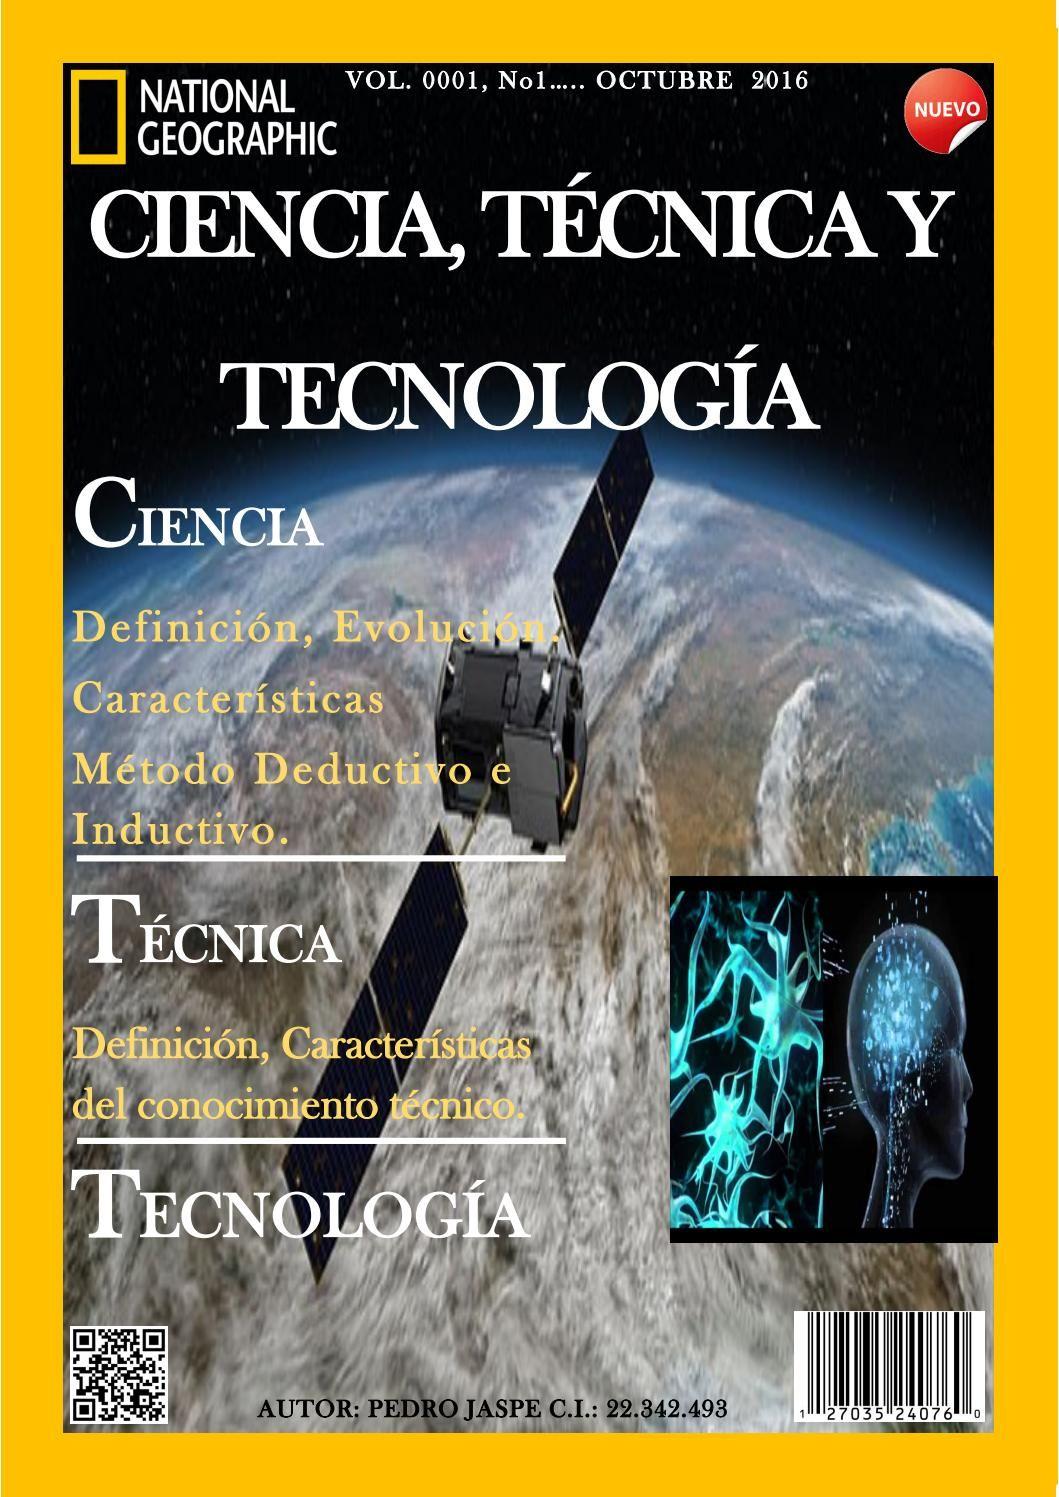 Revista Ciencia Tecnica Y Tecnologia Caracteristicas De La Ciencia Revistas Ciencia